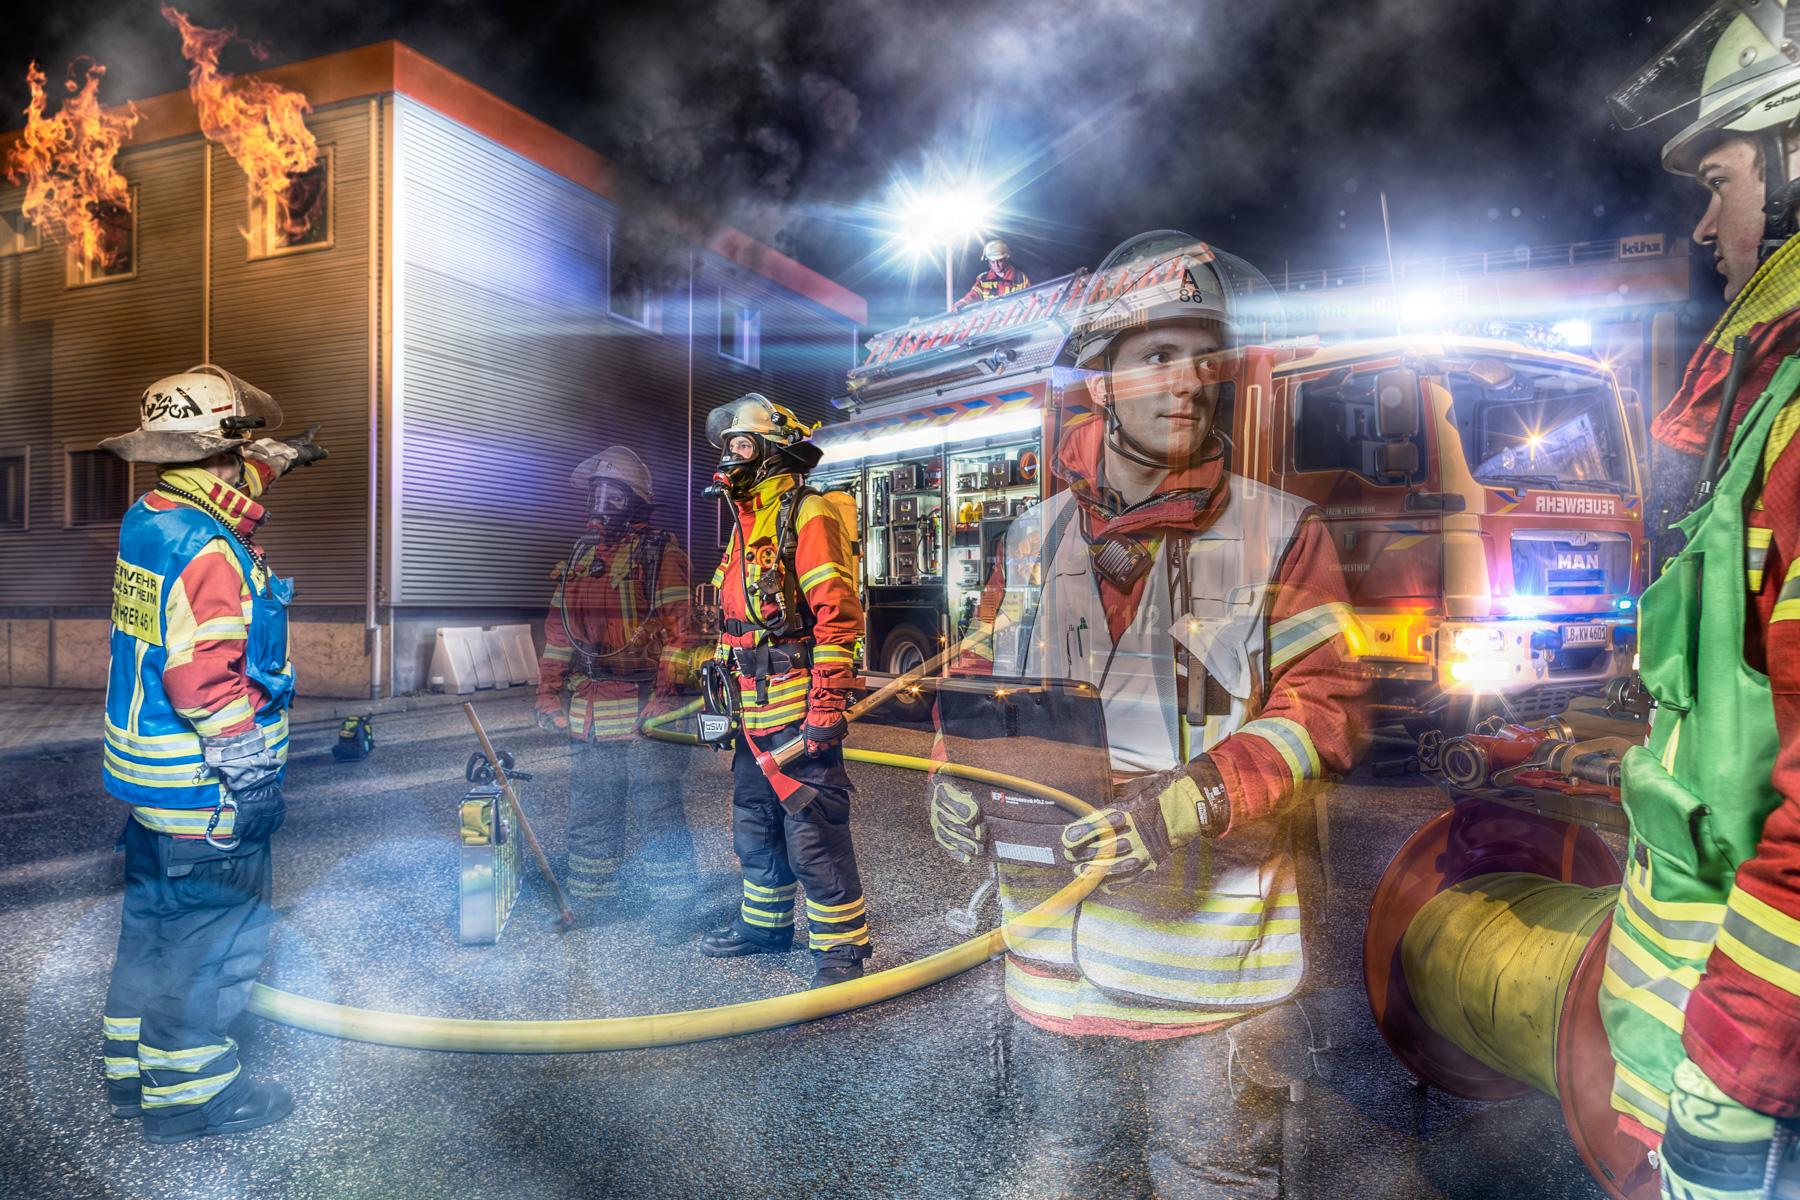 Feuerwehr_1